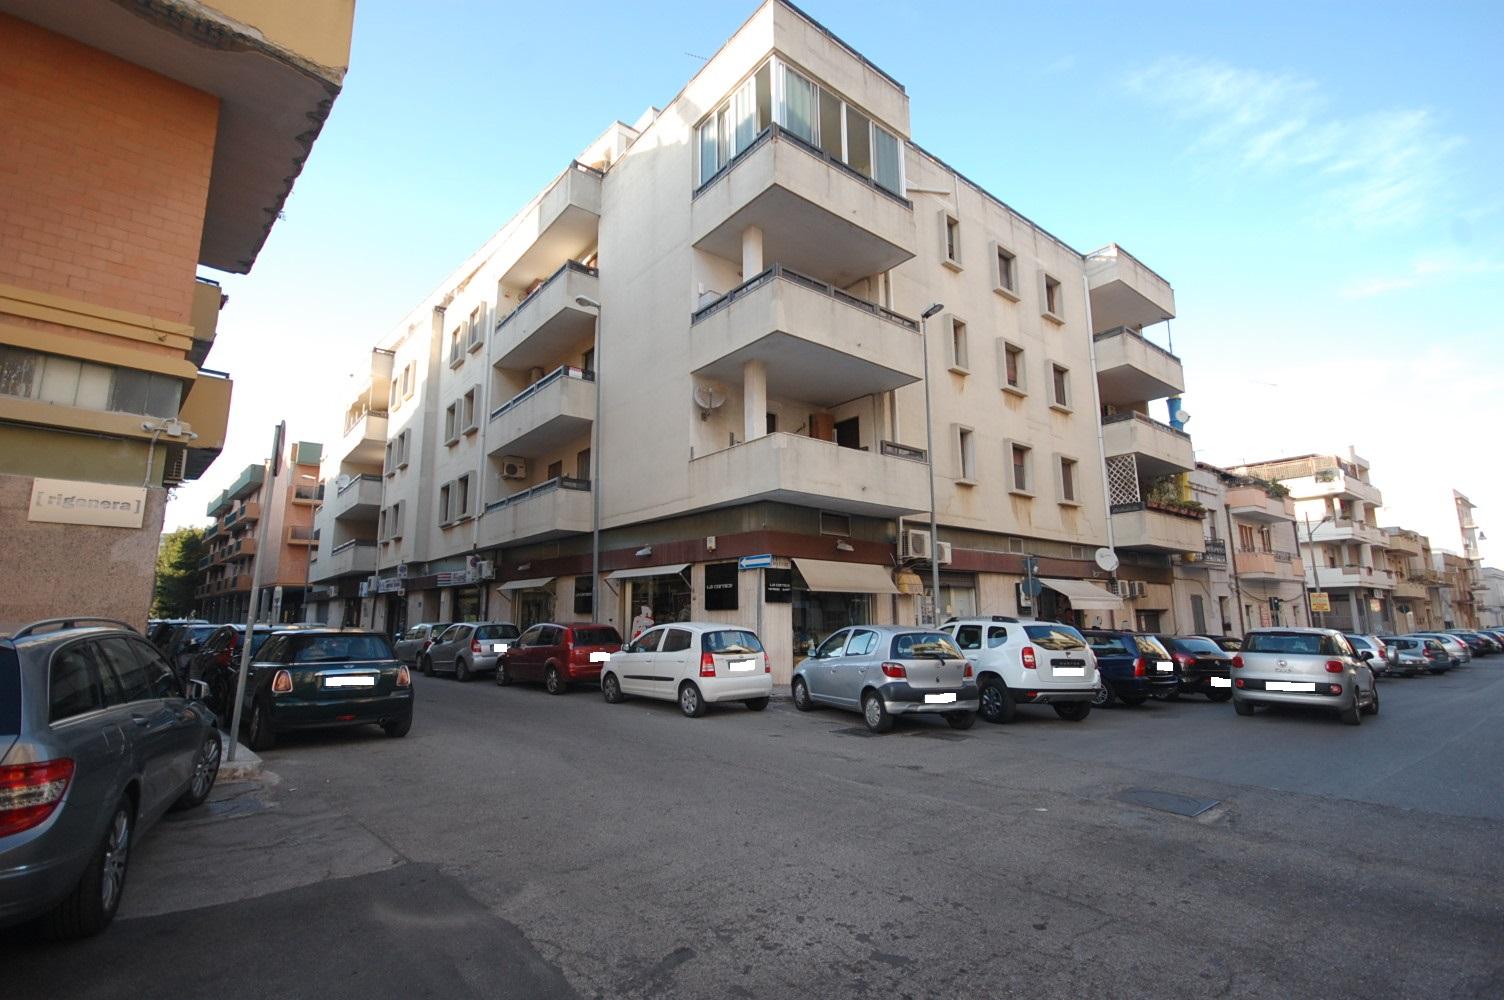 Appartamento in vendita a Brindisi, 5 locali, zona Zona: Commenda, prezzo € 135.000 | CambioCasa.it